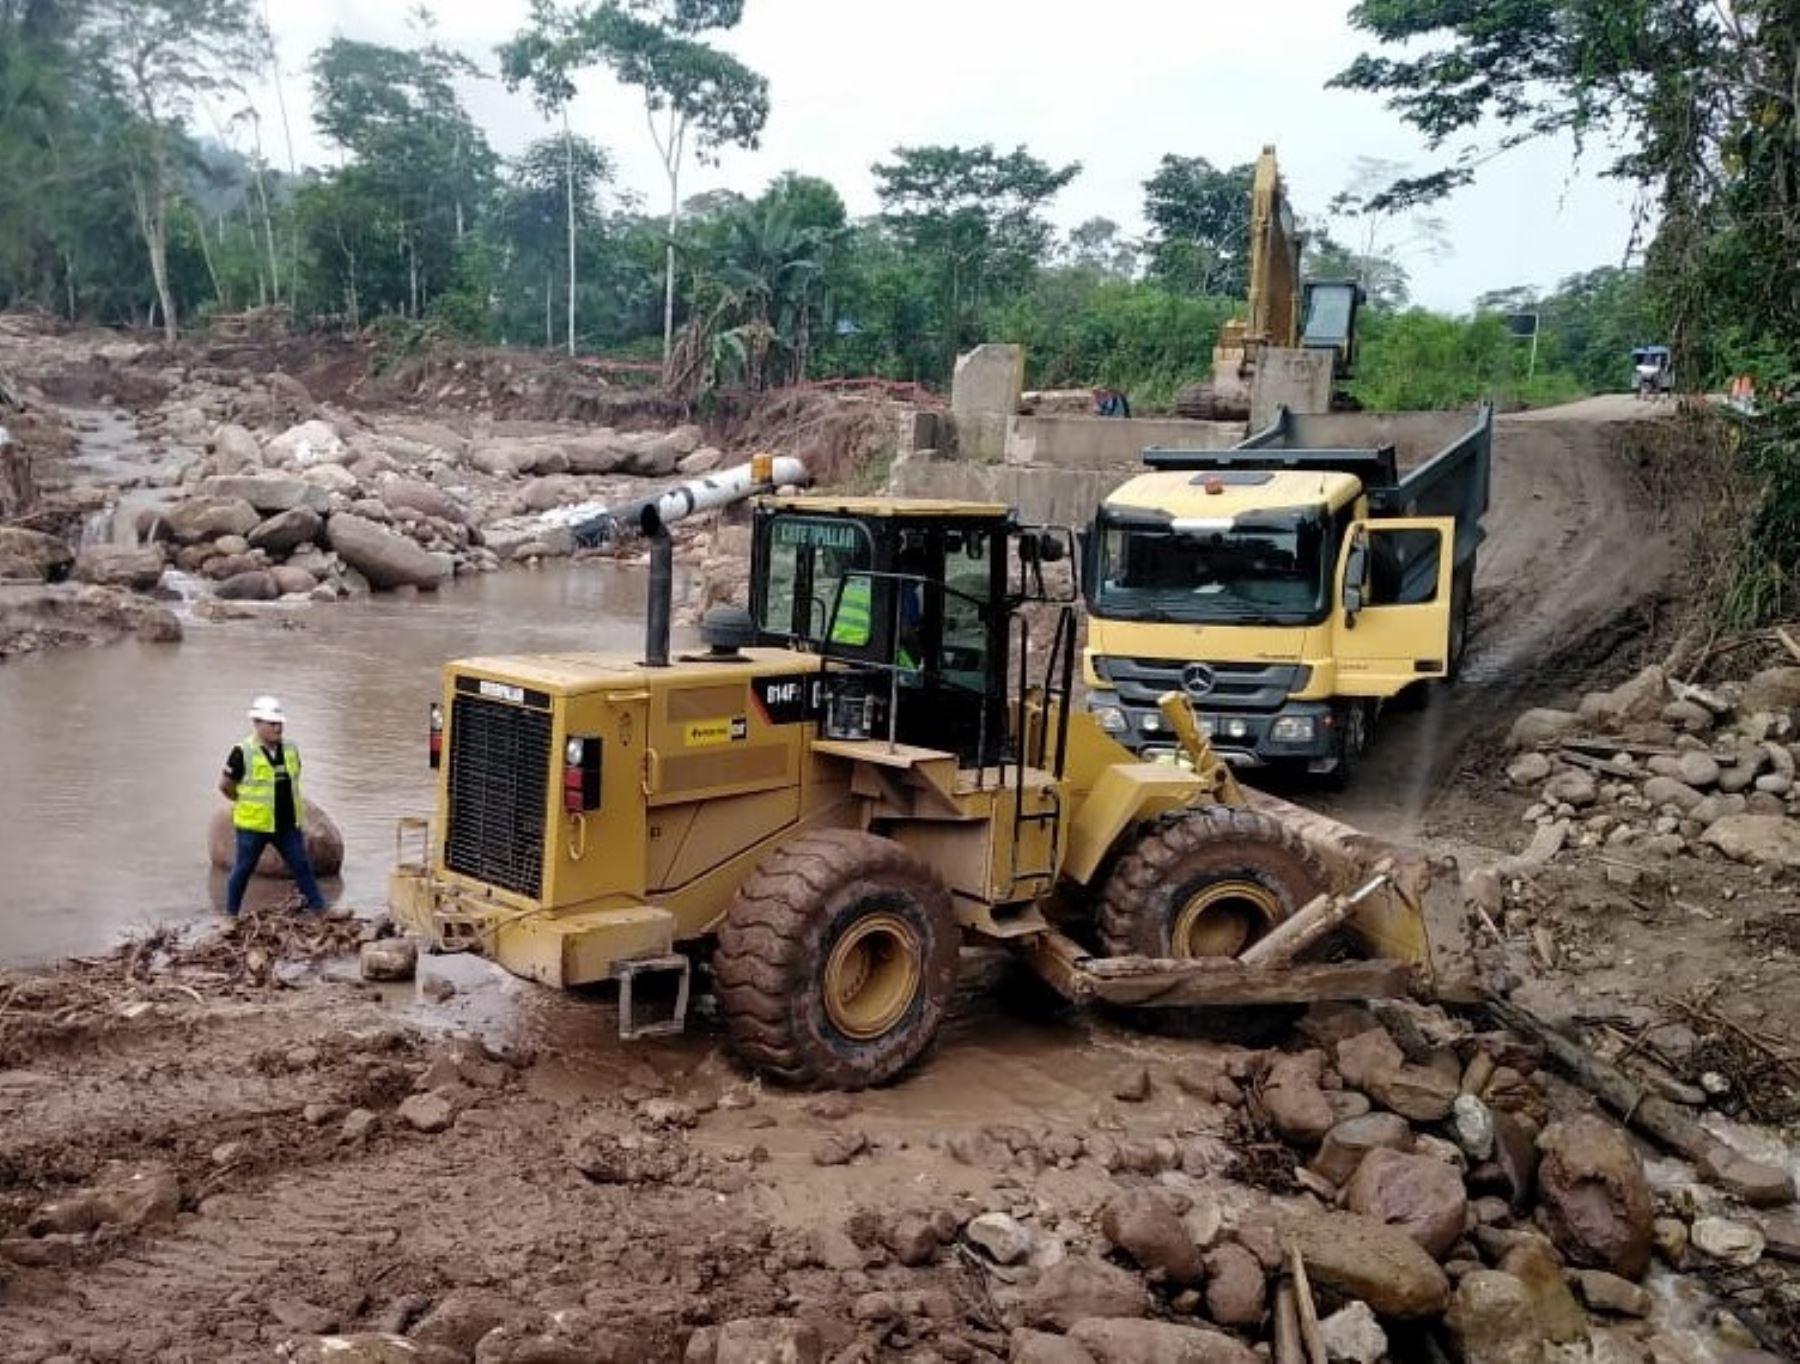 Amazonas reporta emergencias viales a causa de las lluvias intensas que provocaron la crecida de ríos y activación de quebradas en esta región. ANDINA/Difusión